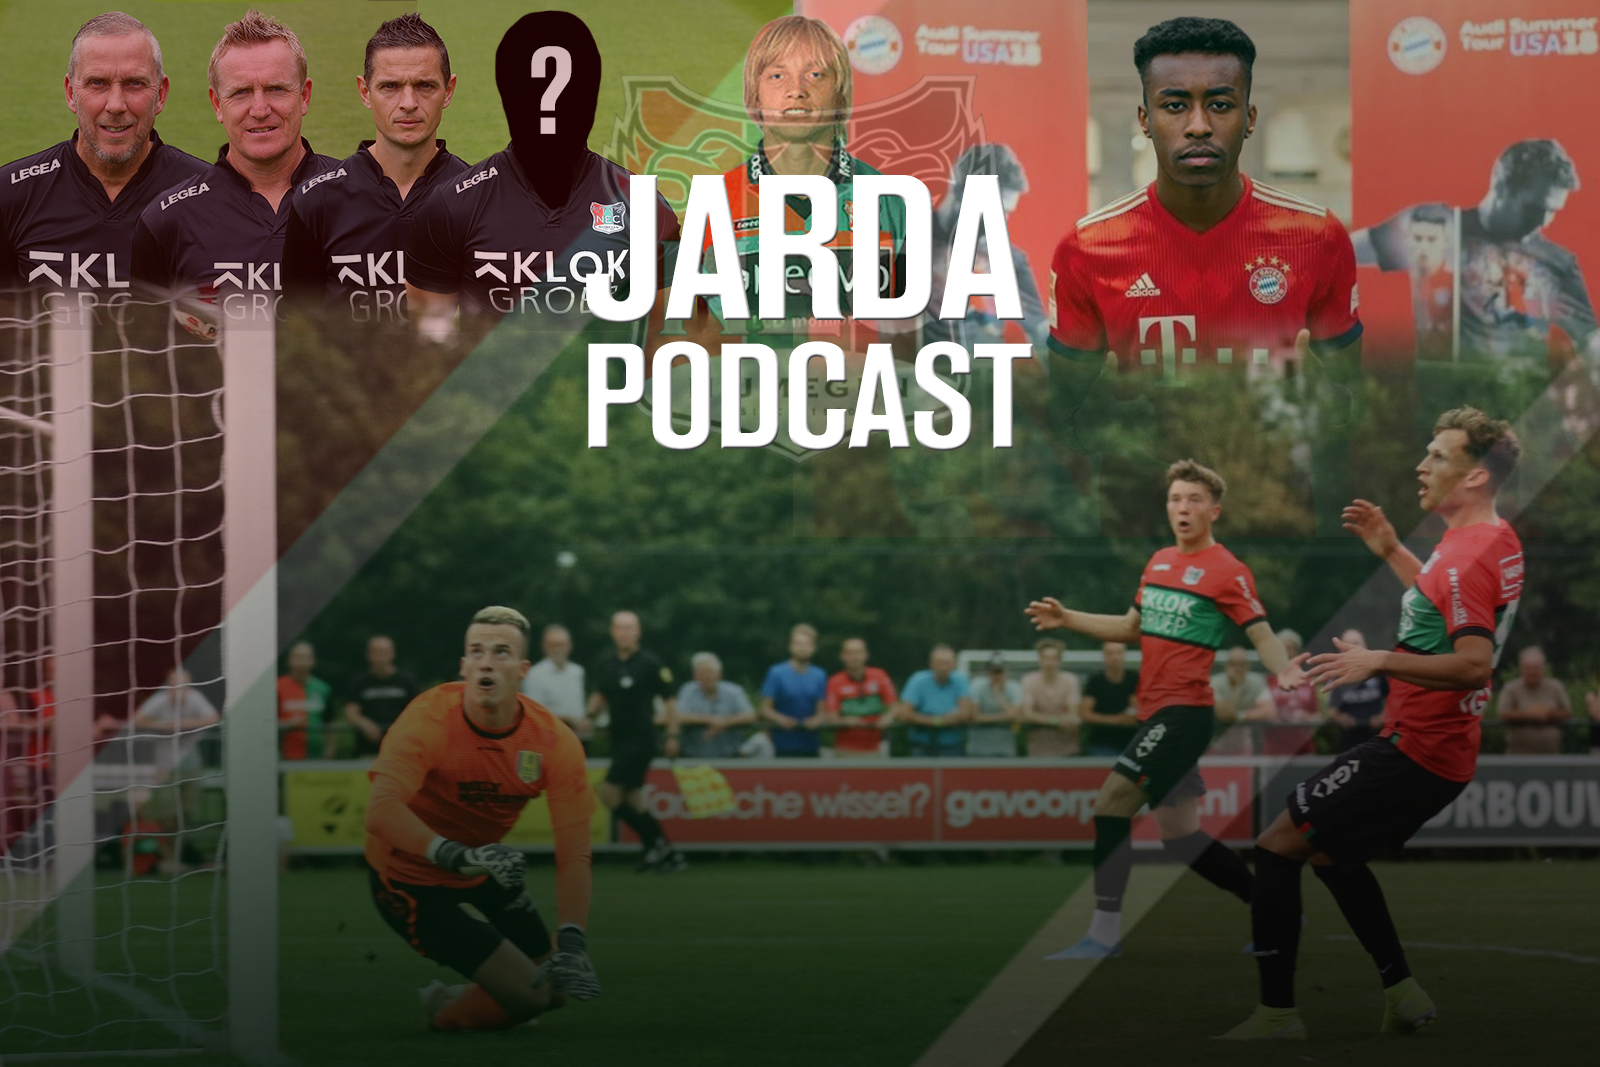 Jarda Podcast #14: De waarde van Trésor en nog een trainer voor NEC